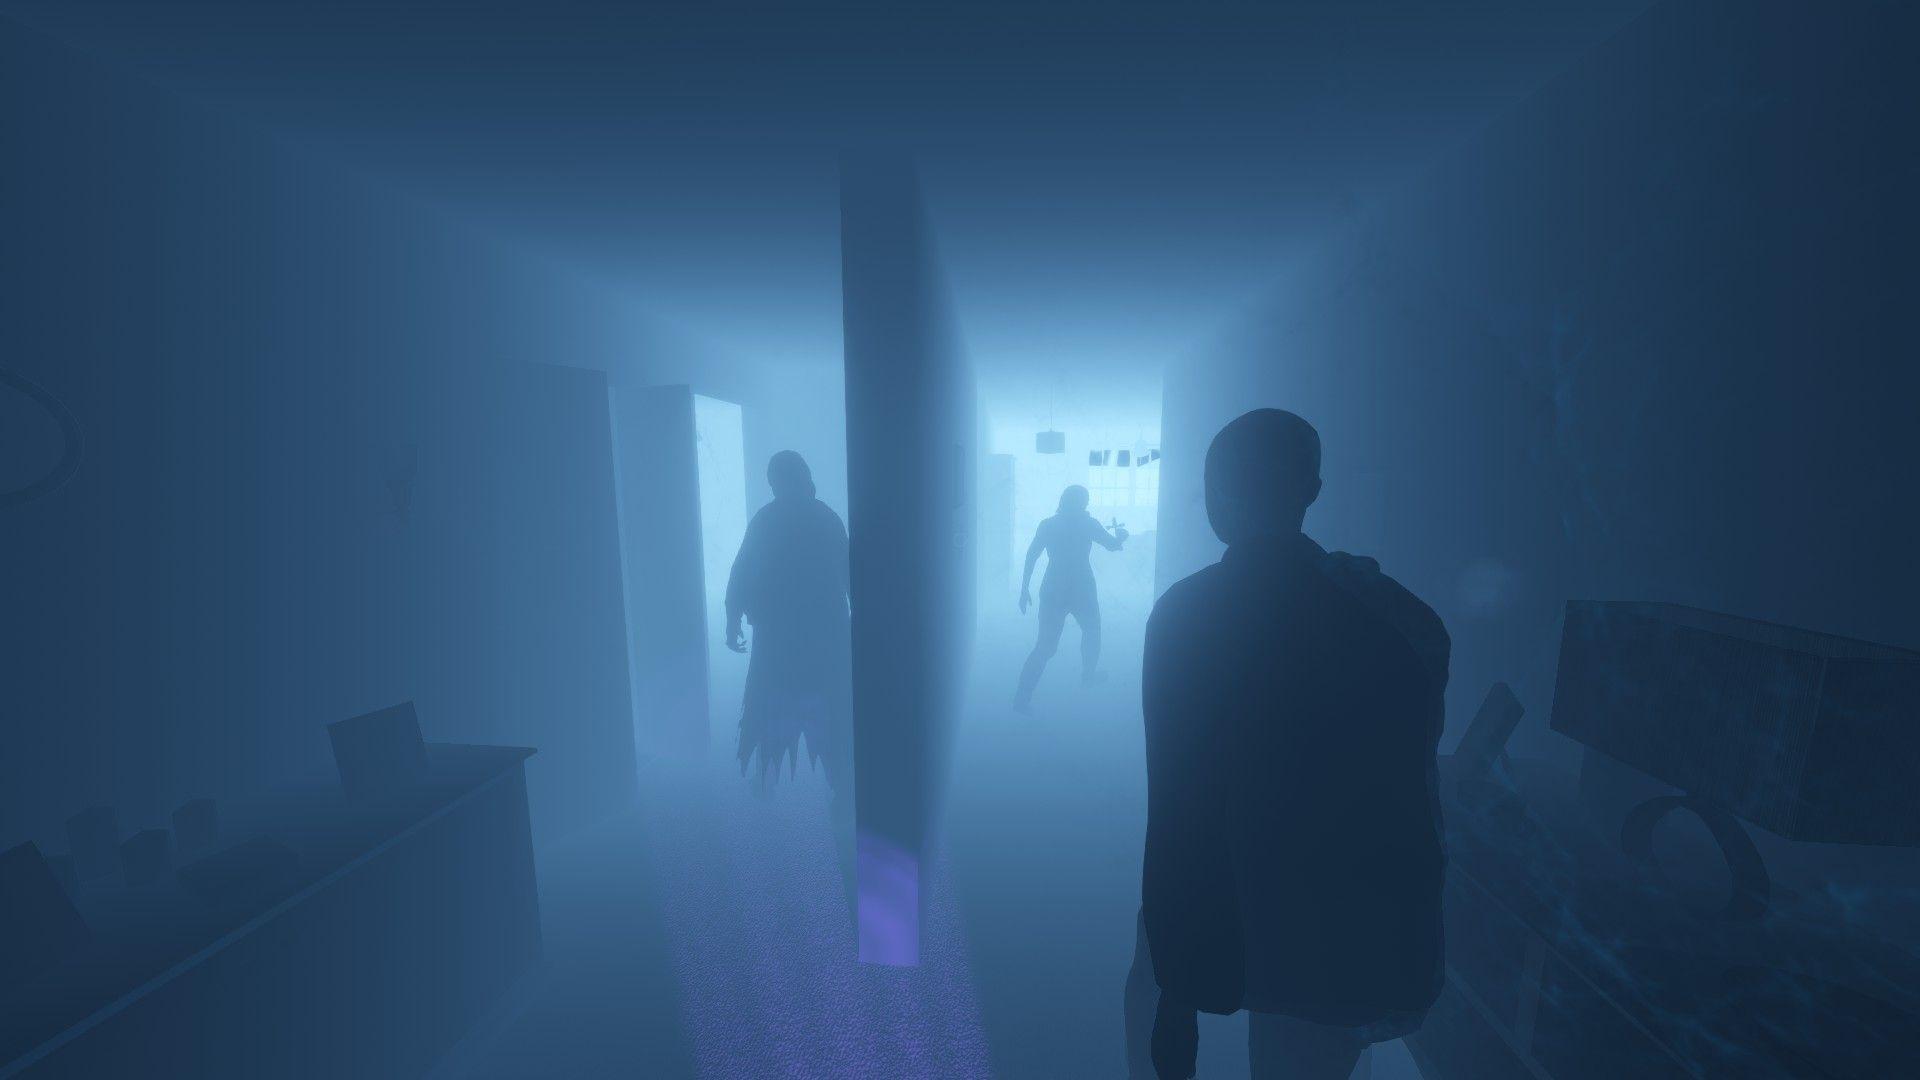 多人合作恐怖遊戲《Phasmophobia》Steam 「壓倒性好評」97% 好評率,調查恐怖鬼屋、支援4 人合作| 蝦米攻略網